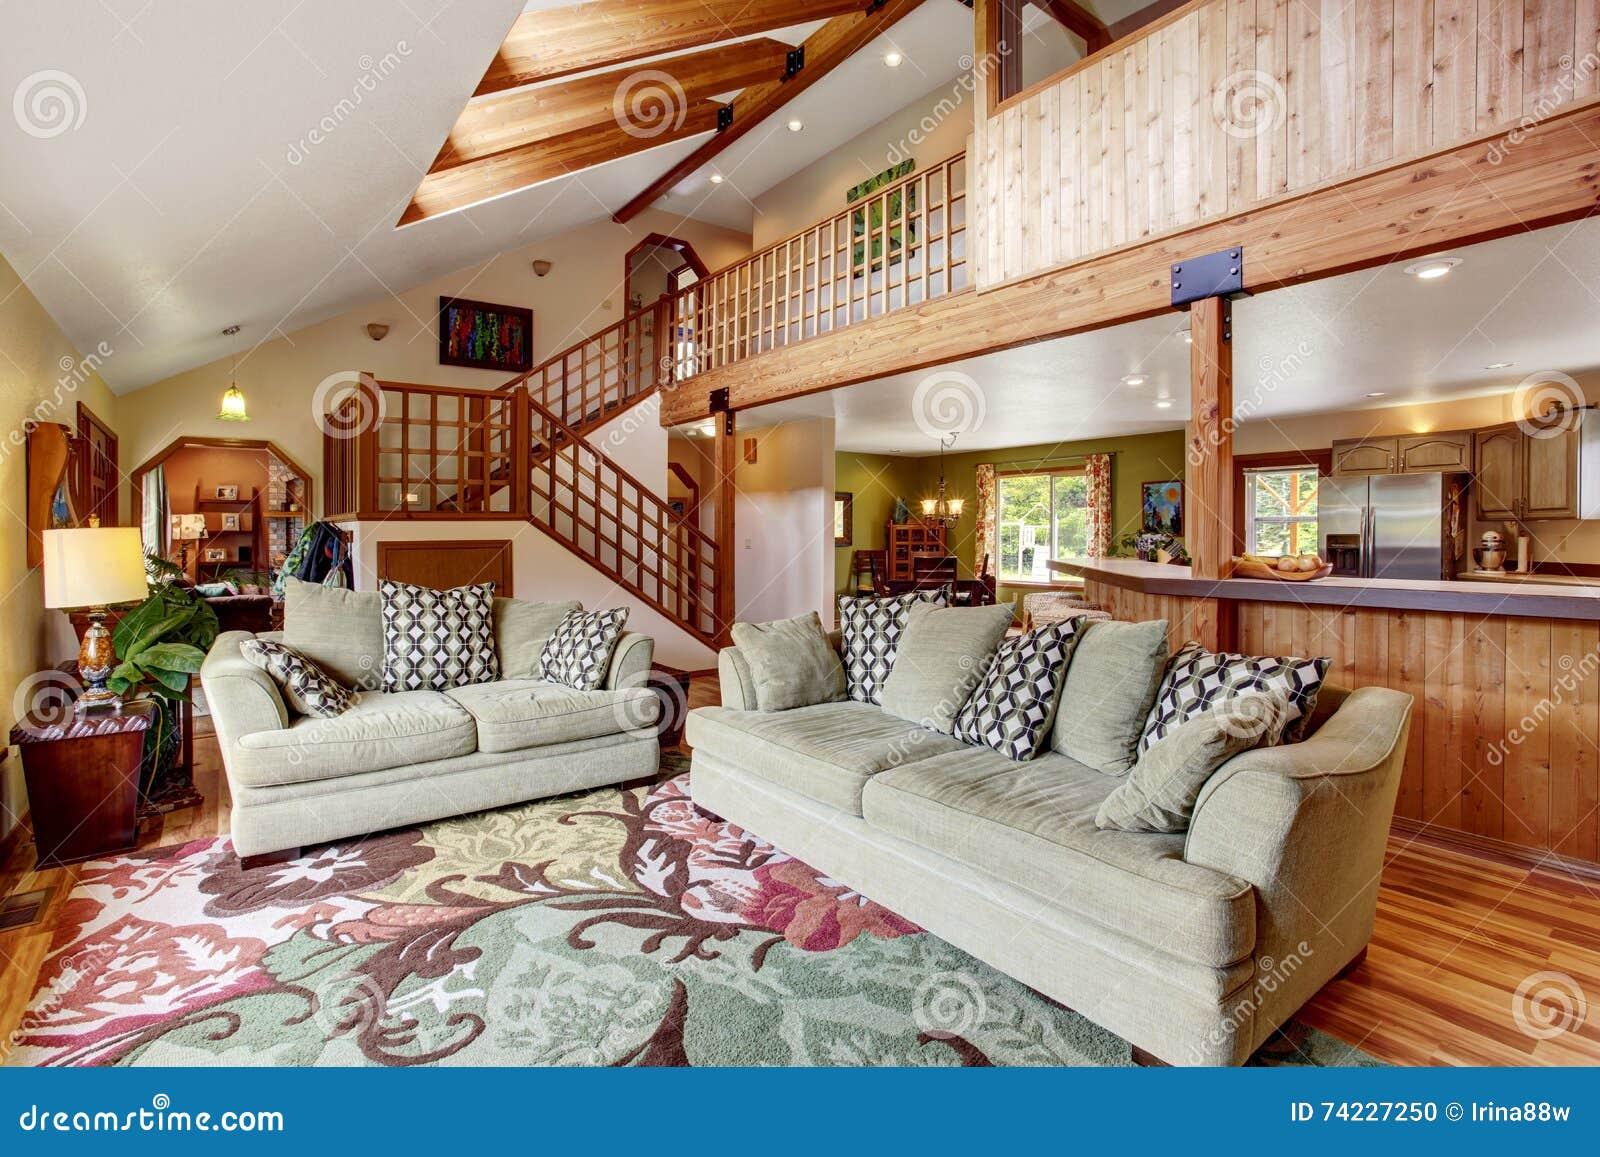 helles wohnzimmer mit massivholzboden und hohe decke mit holzbalken stockfoto bild 74227250. Black Bedroom Furniture Sets. Home Design Ideas